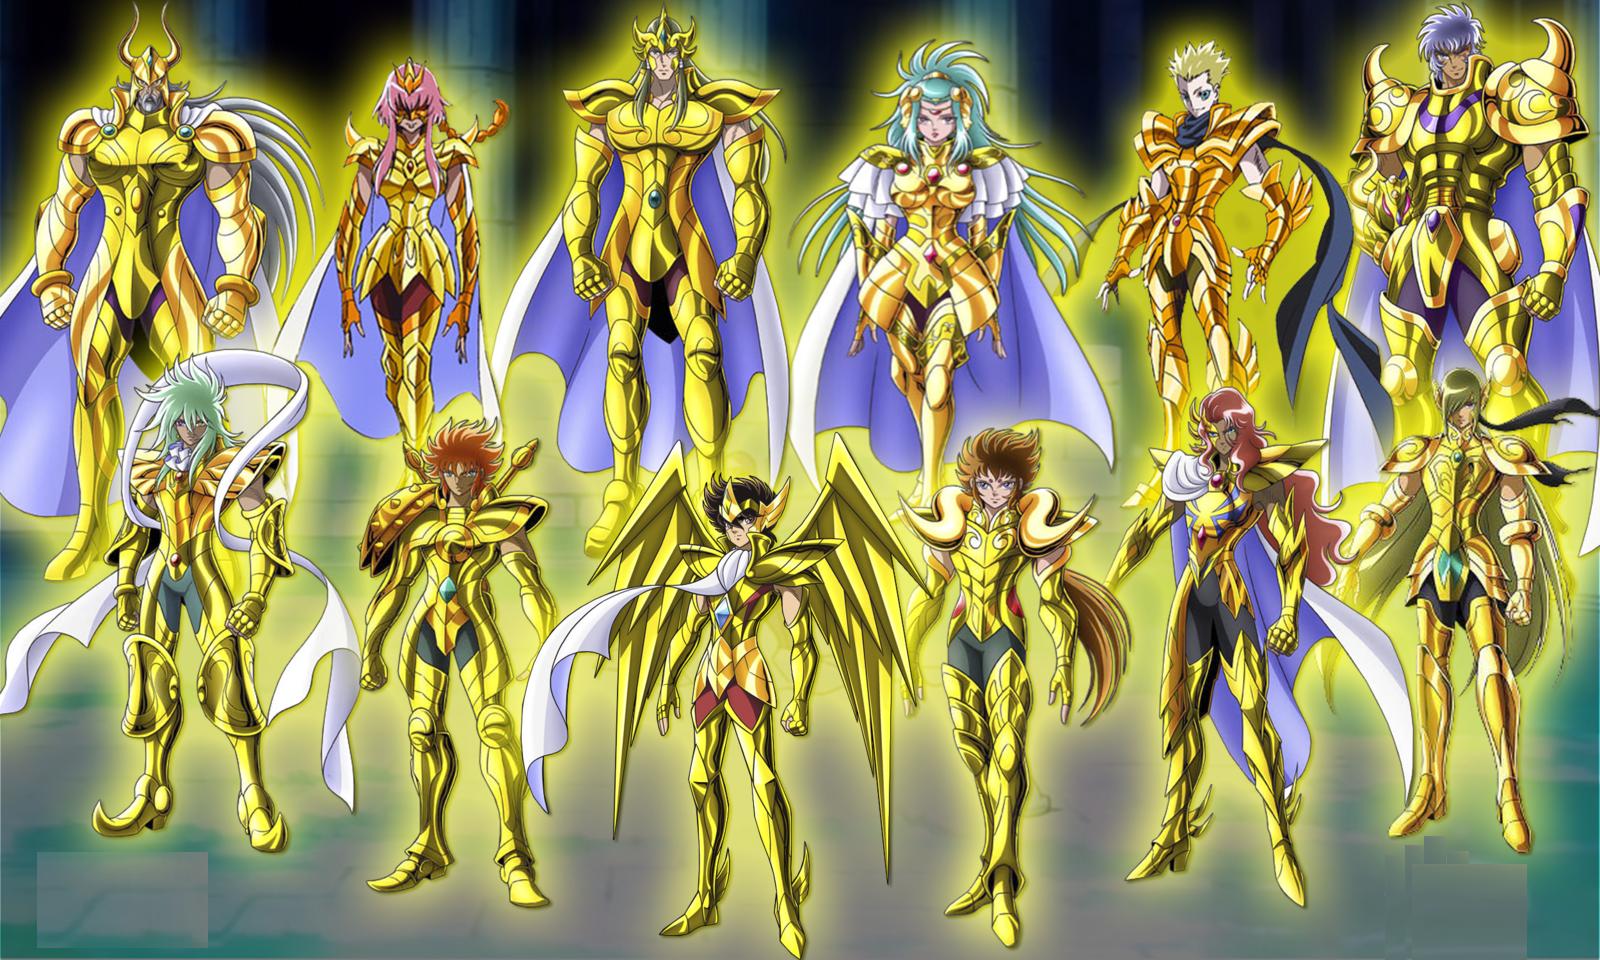 Dorados Image: Les Chevaliers Du Zodiaque ( Saint Seiya